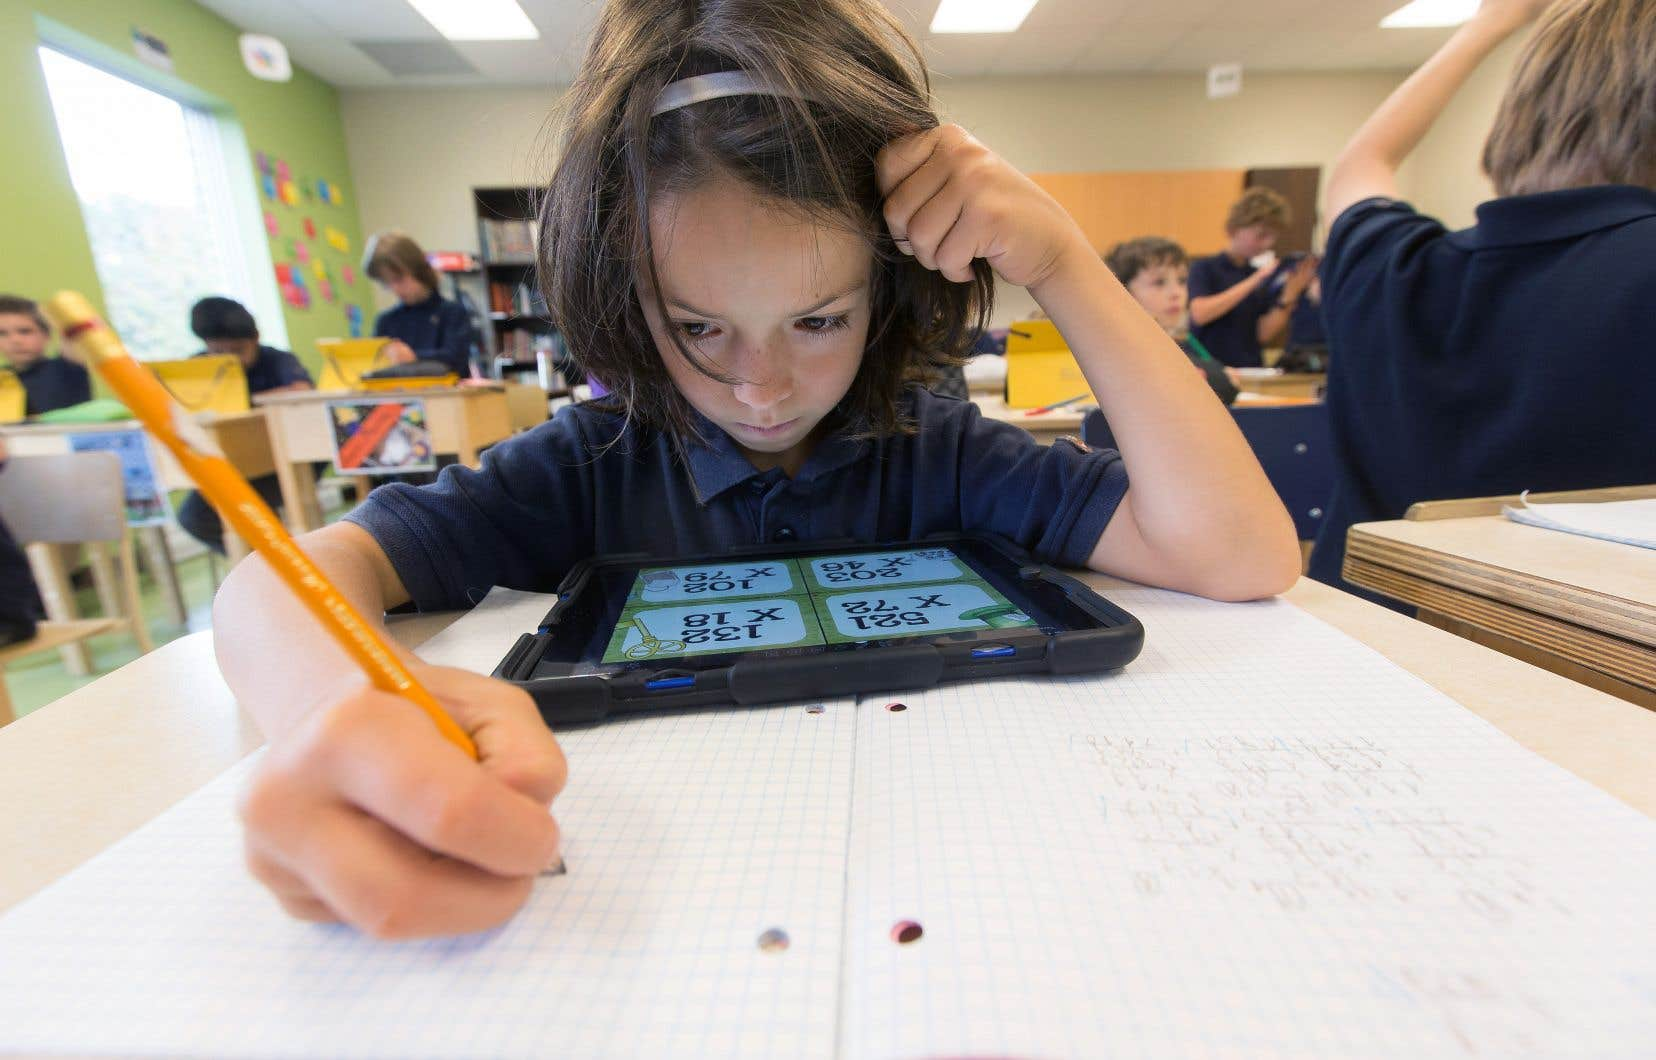 Le ministre de l'Éducation défend aux écoles d'obliger les parents à faire l'acquisition d'une tablette ou de tout autre «objet spécialisé généralement coûteux» pour leur enfant.